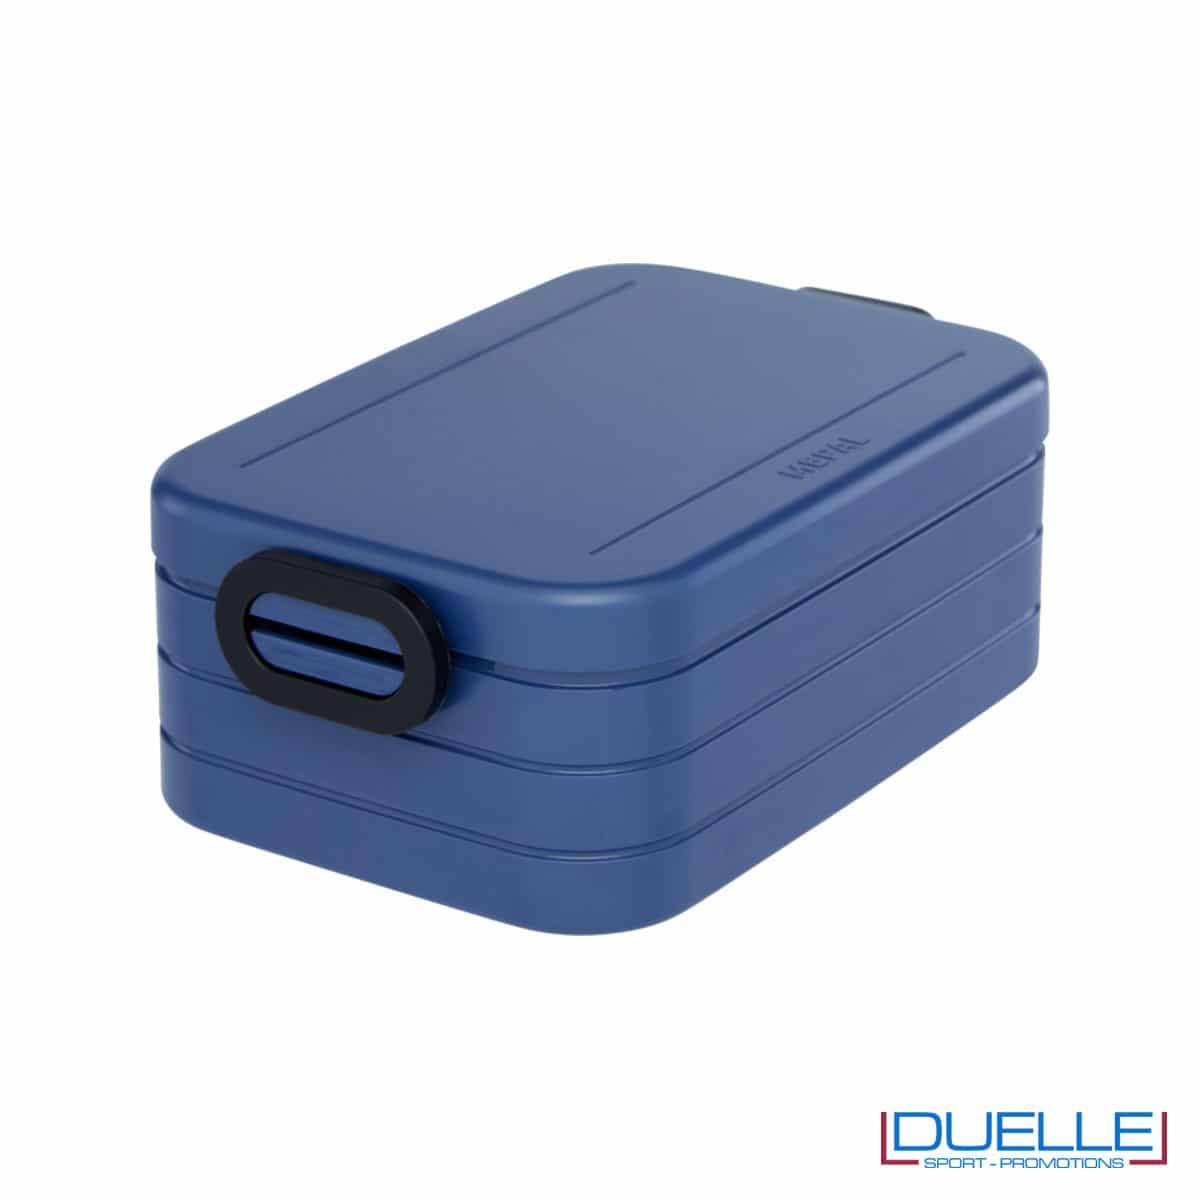 Contenitore porta pranzo Mepal colore blu personalizzato